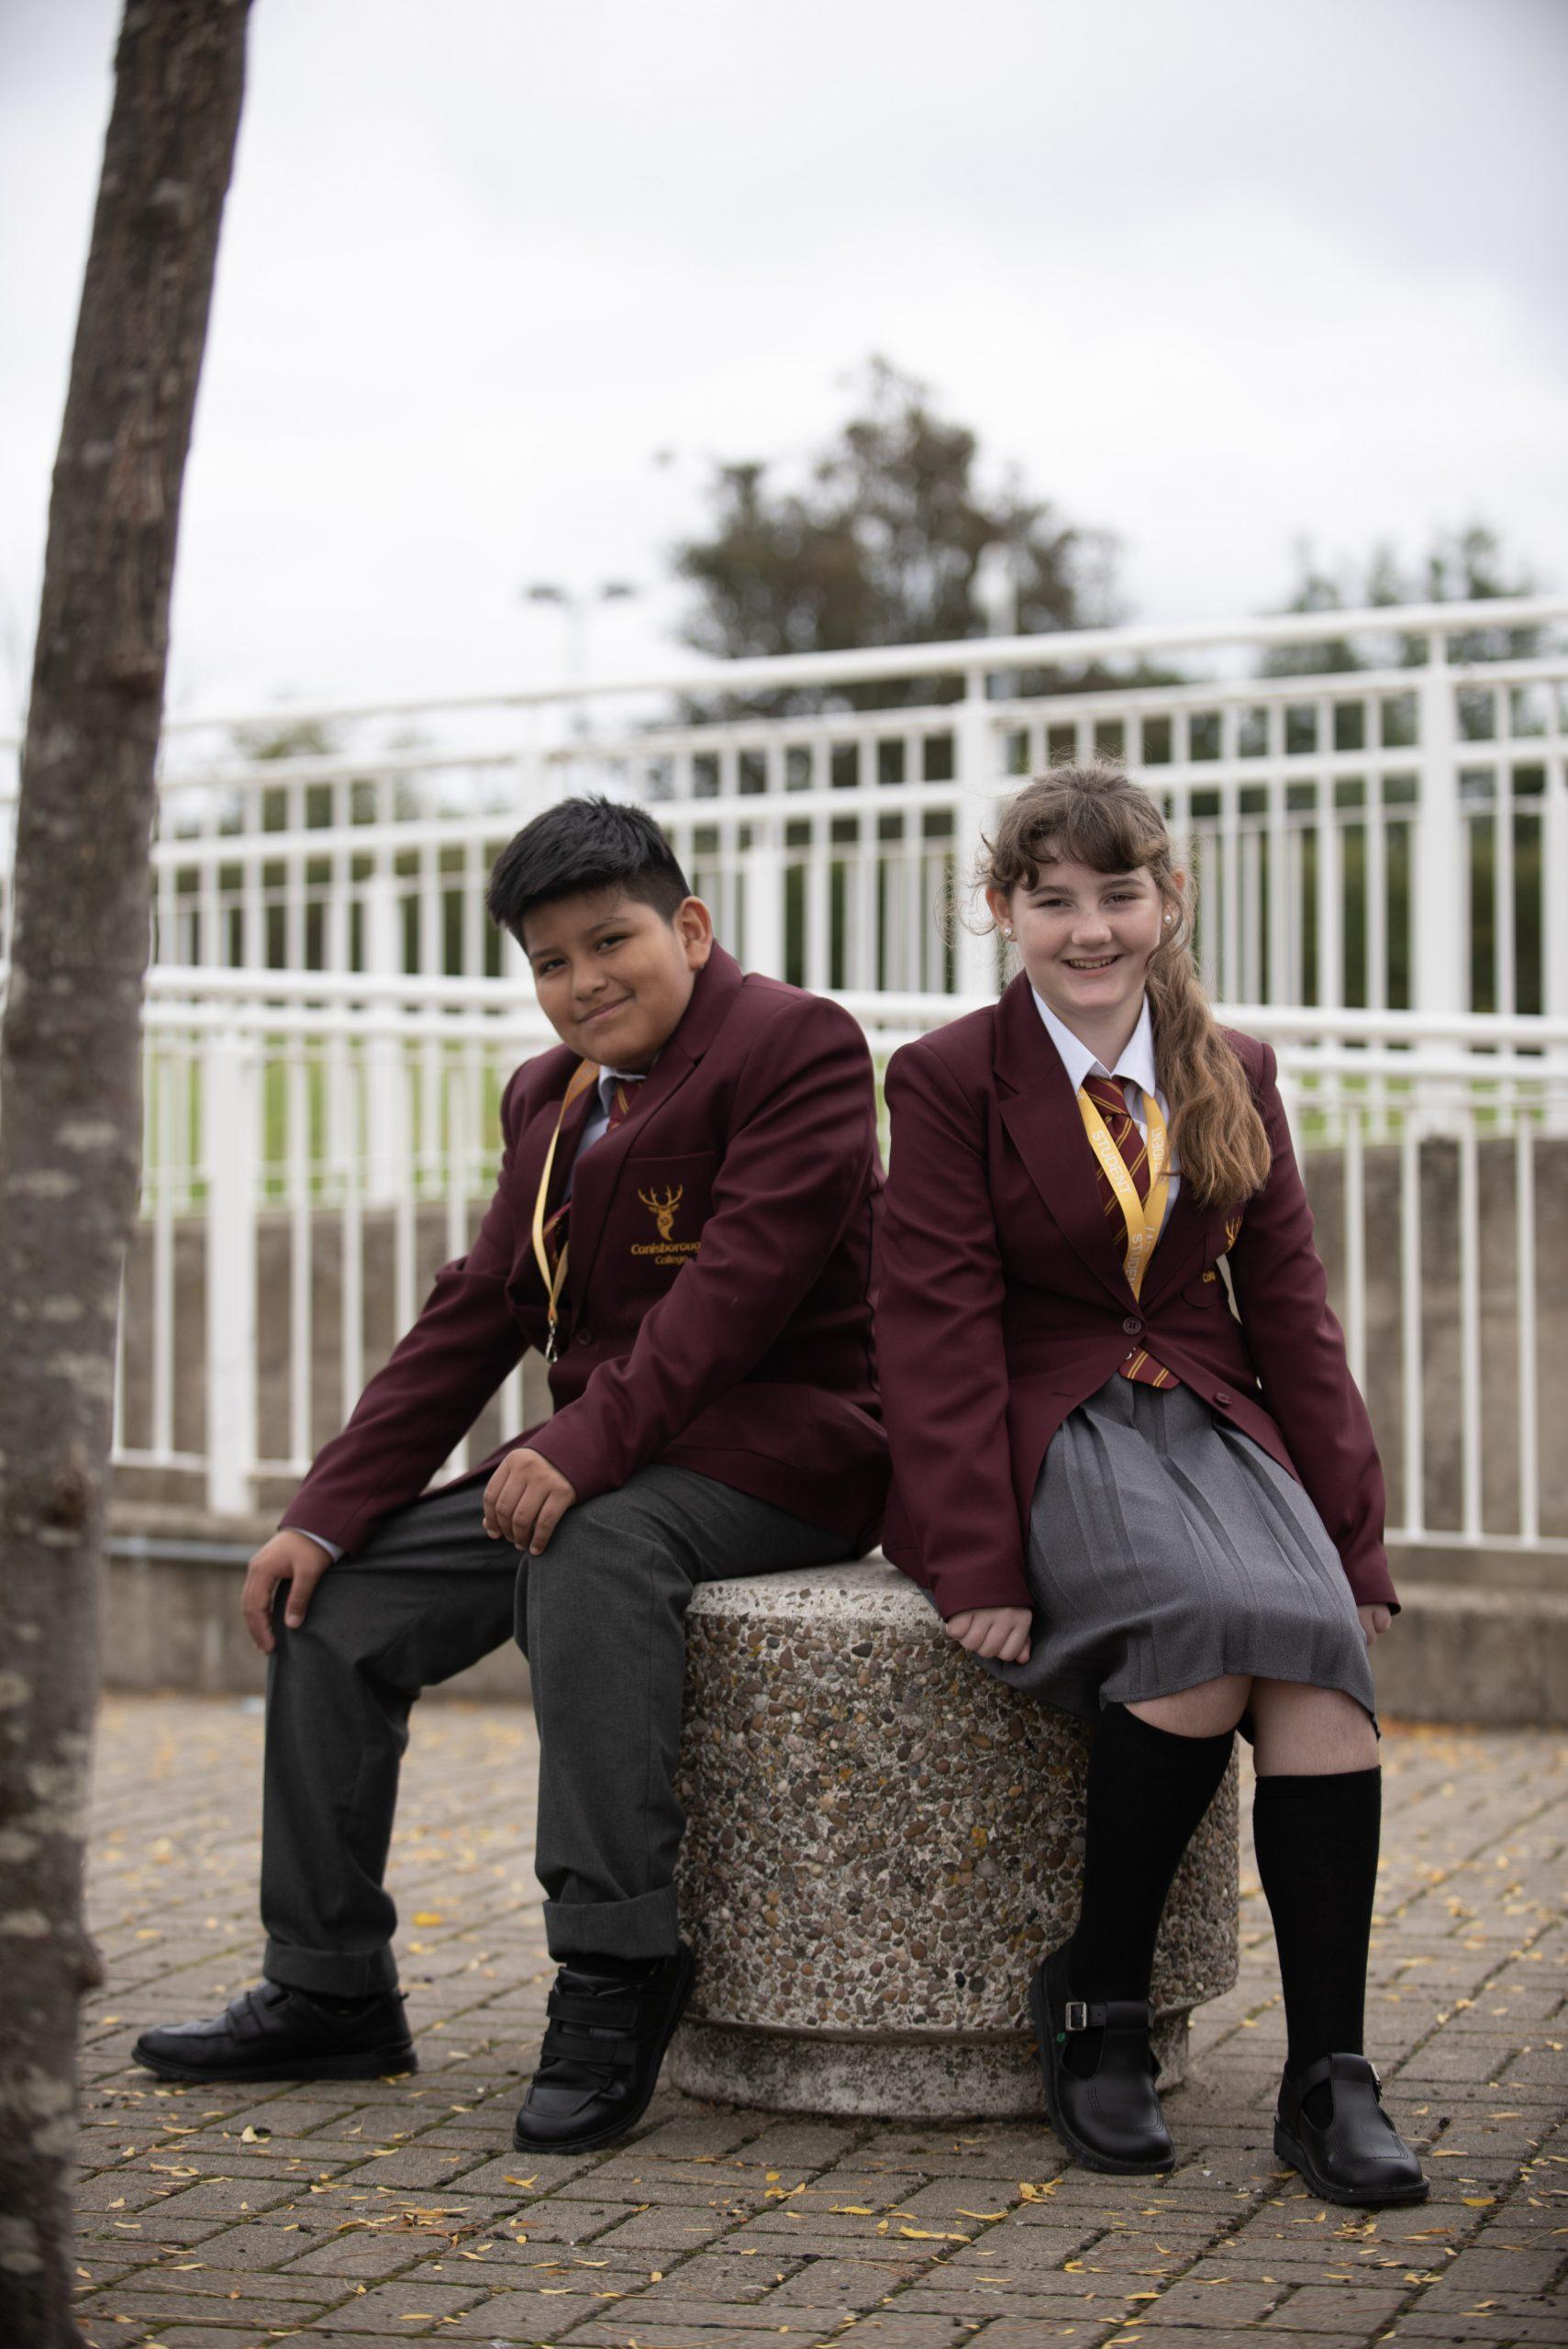 Conisborough College Students